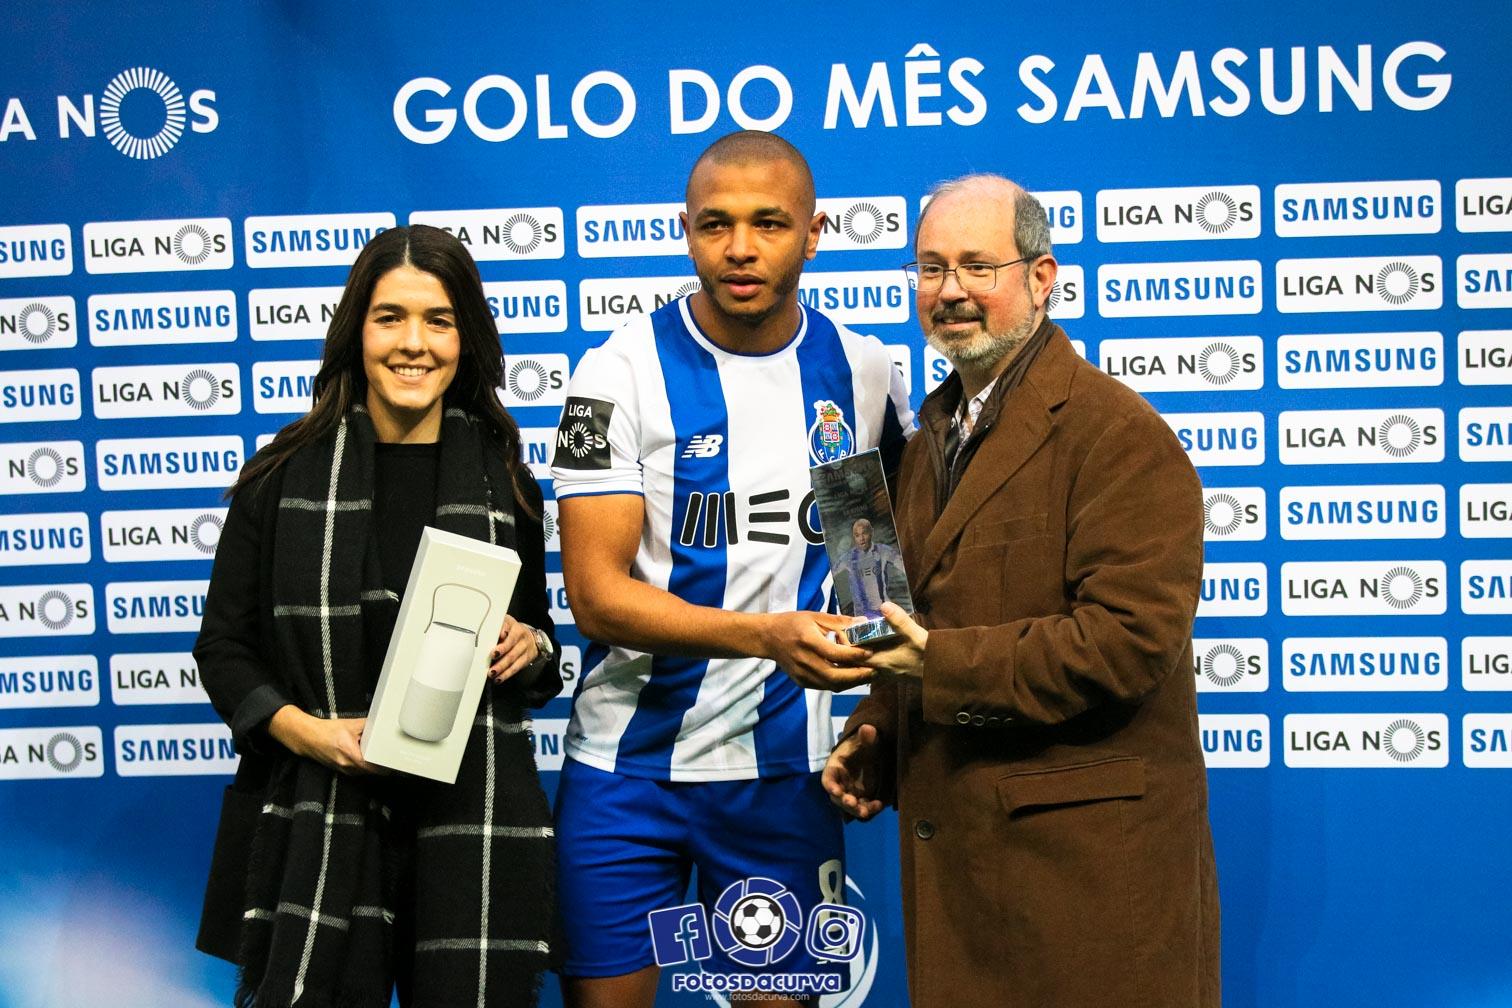 Dragões Para Sempre Good dragão até à morte. f.c.porto, o melhor clube português